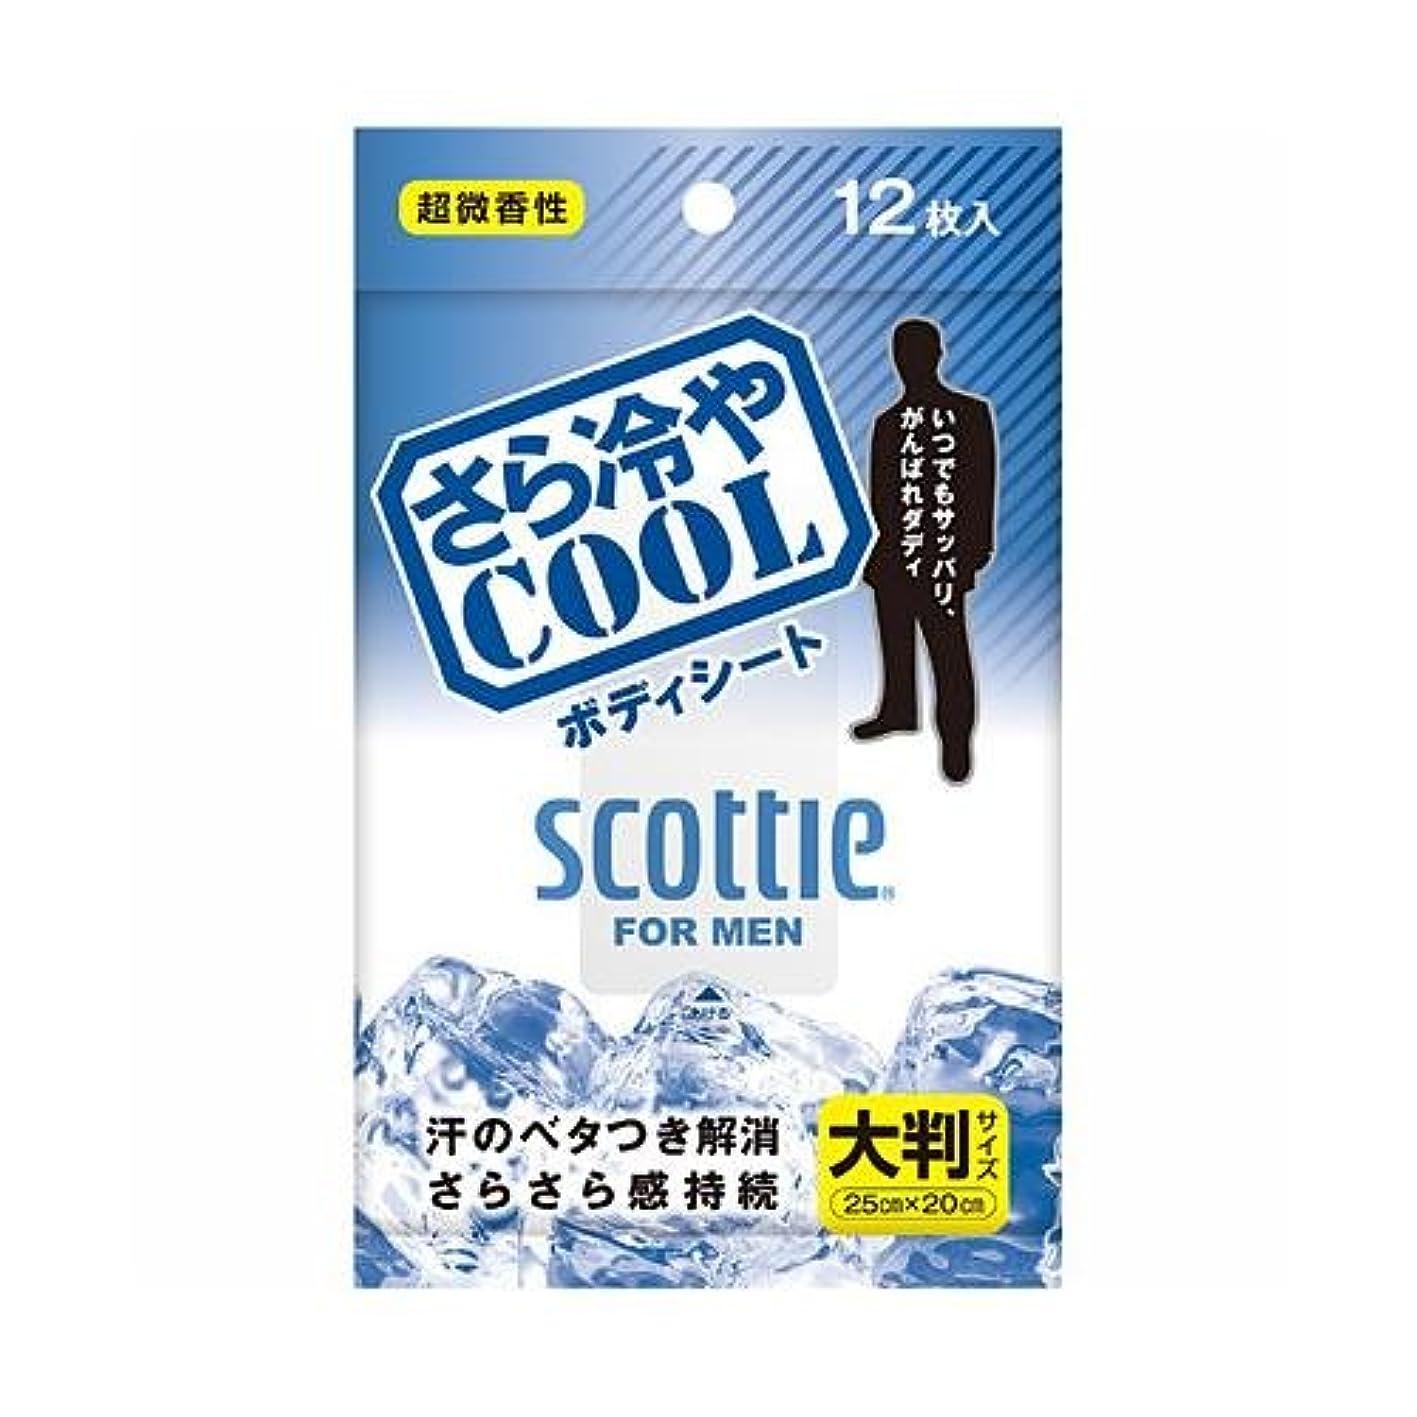 クラウン好意ジャンプするスコッティ さら冷やCOOL ボディシート 12枚入